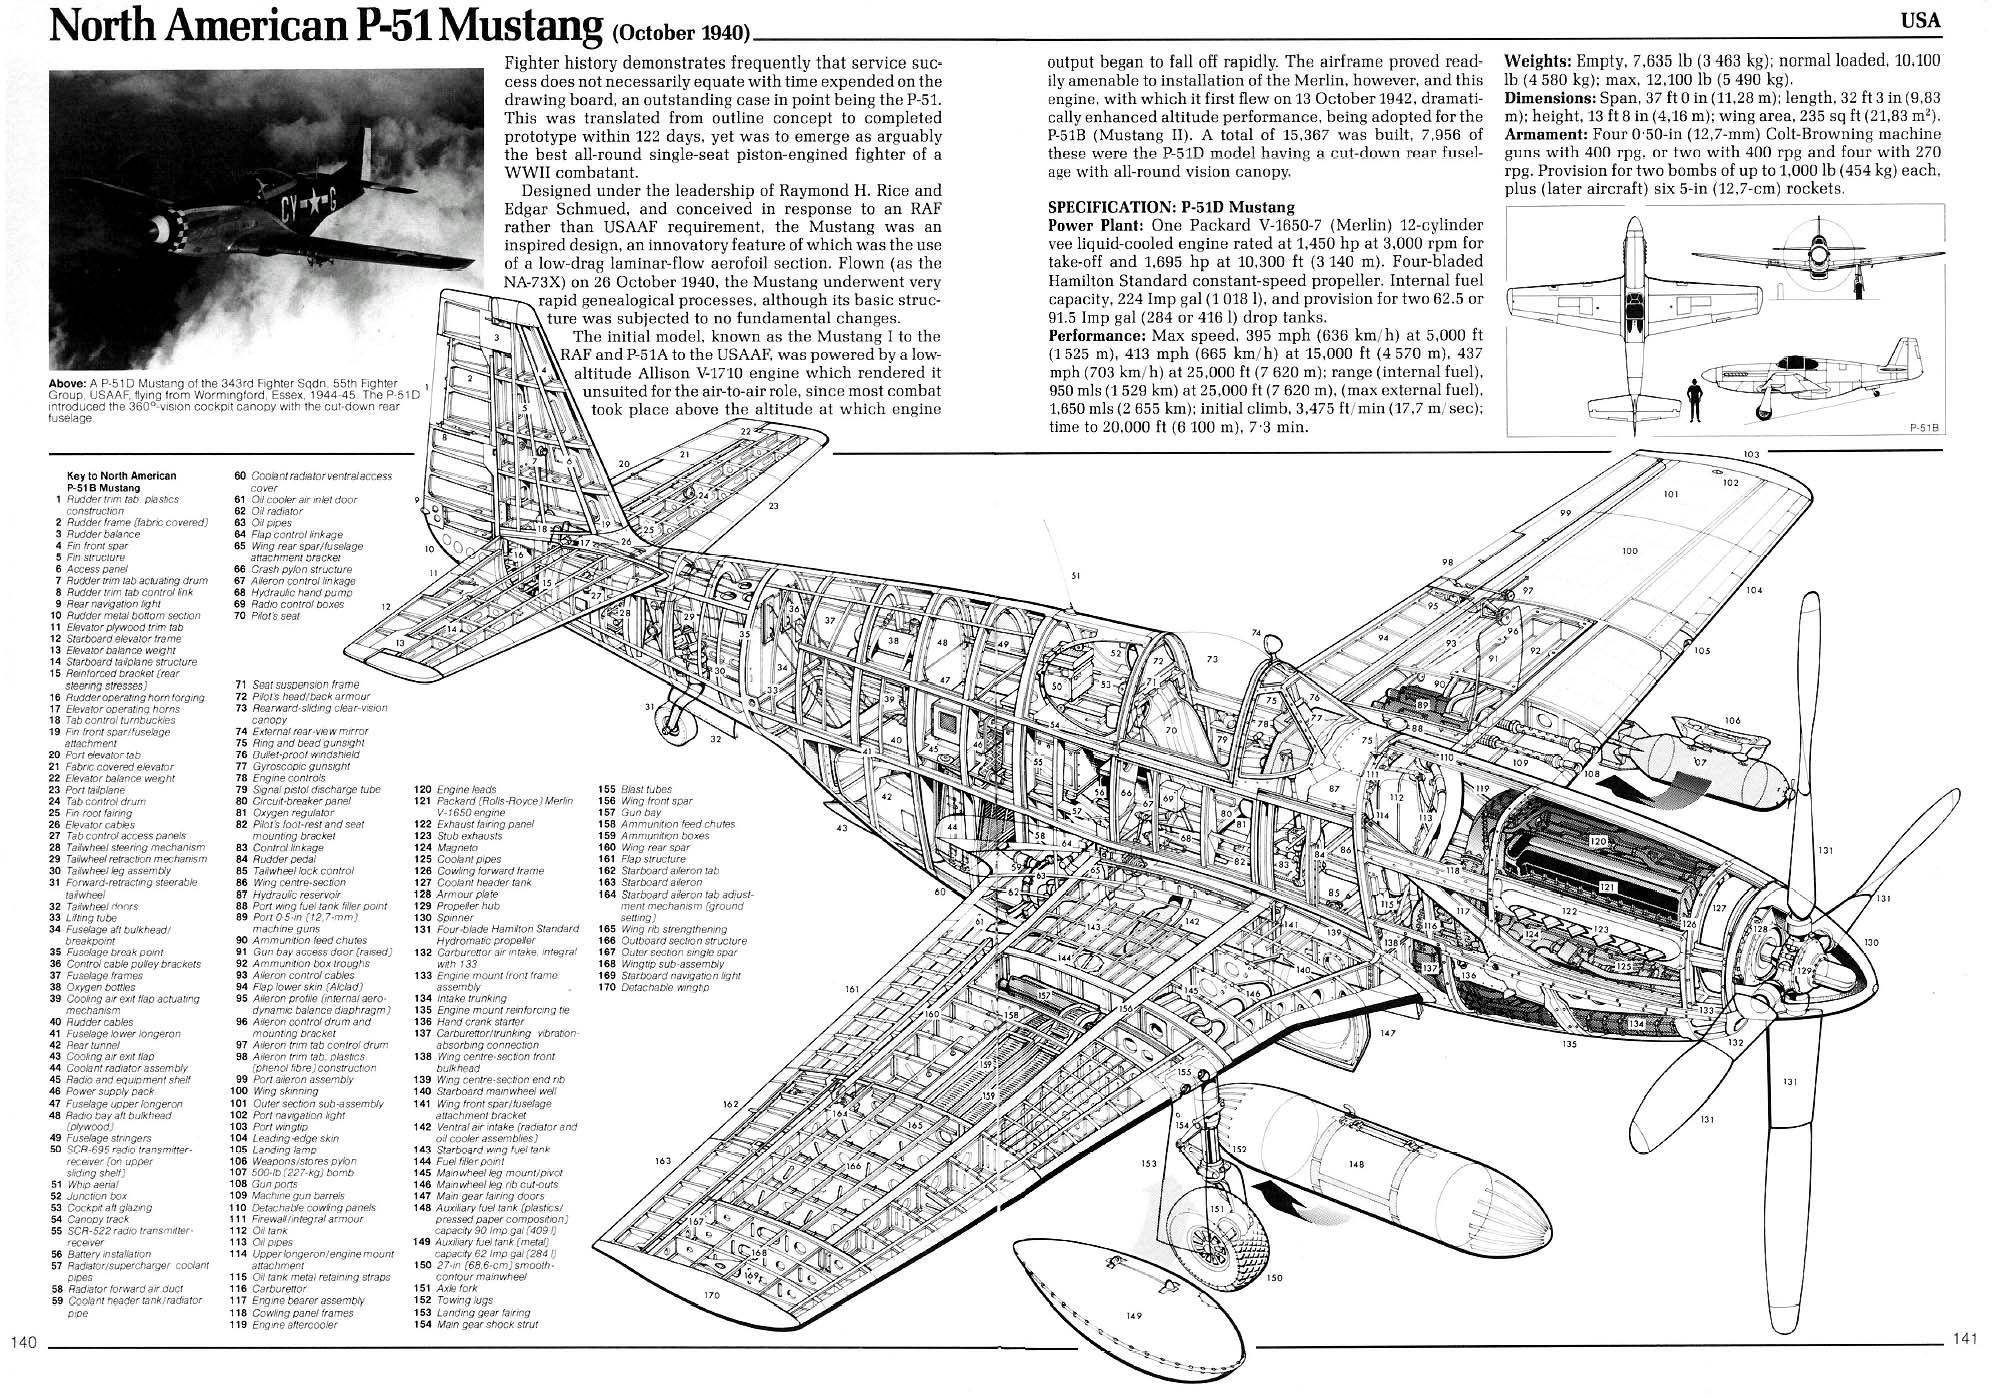 Drawn aircraft mustang #14